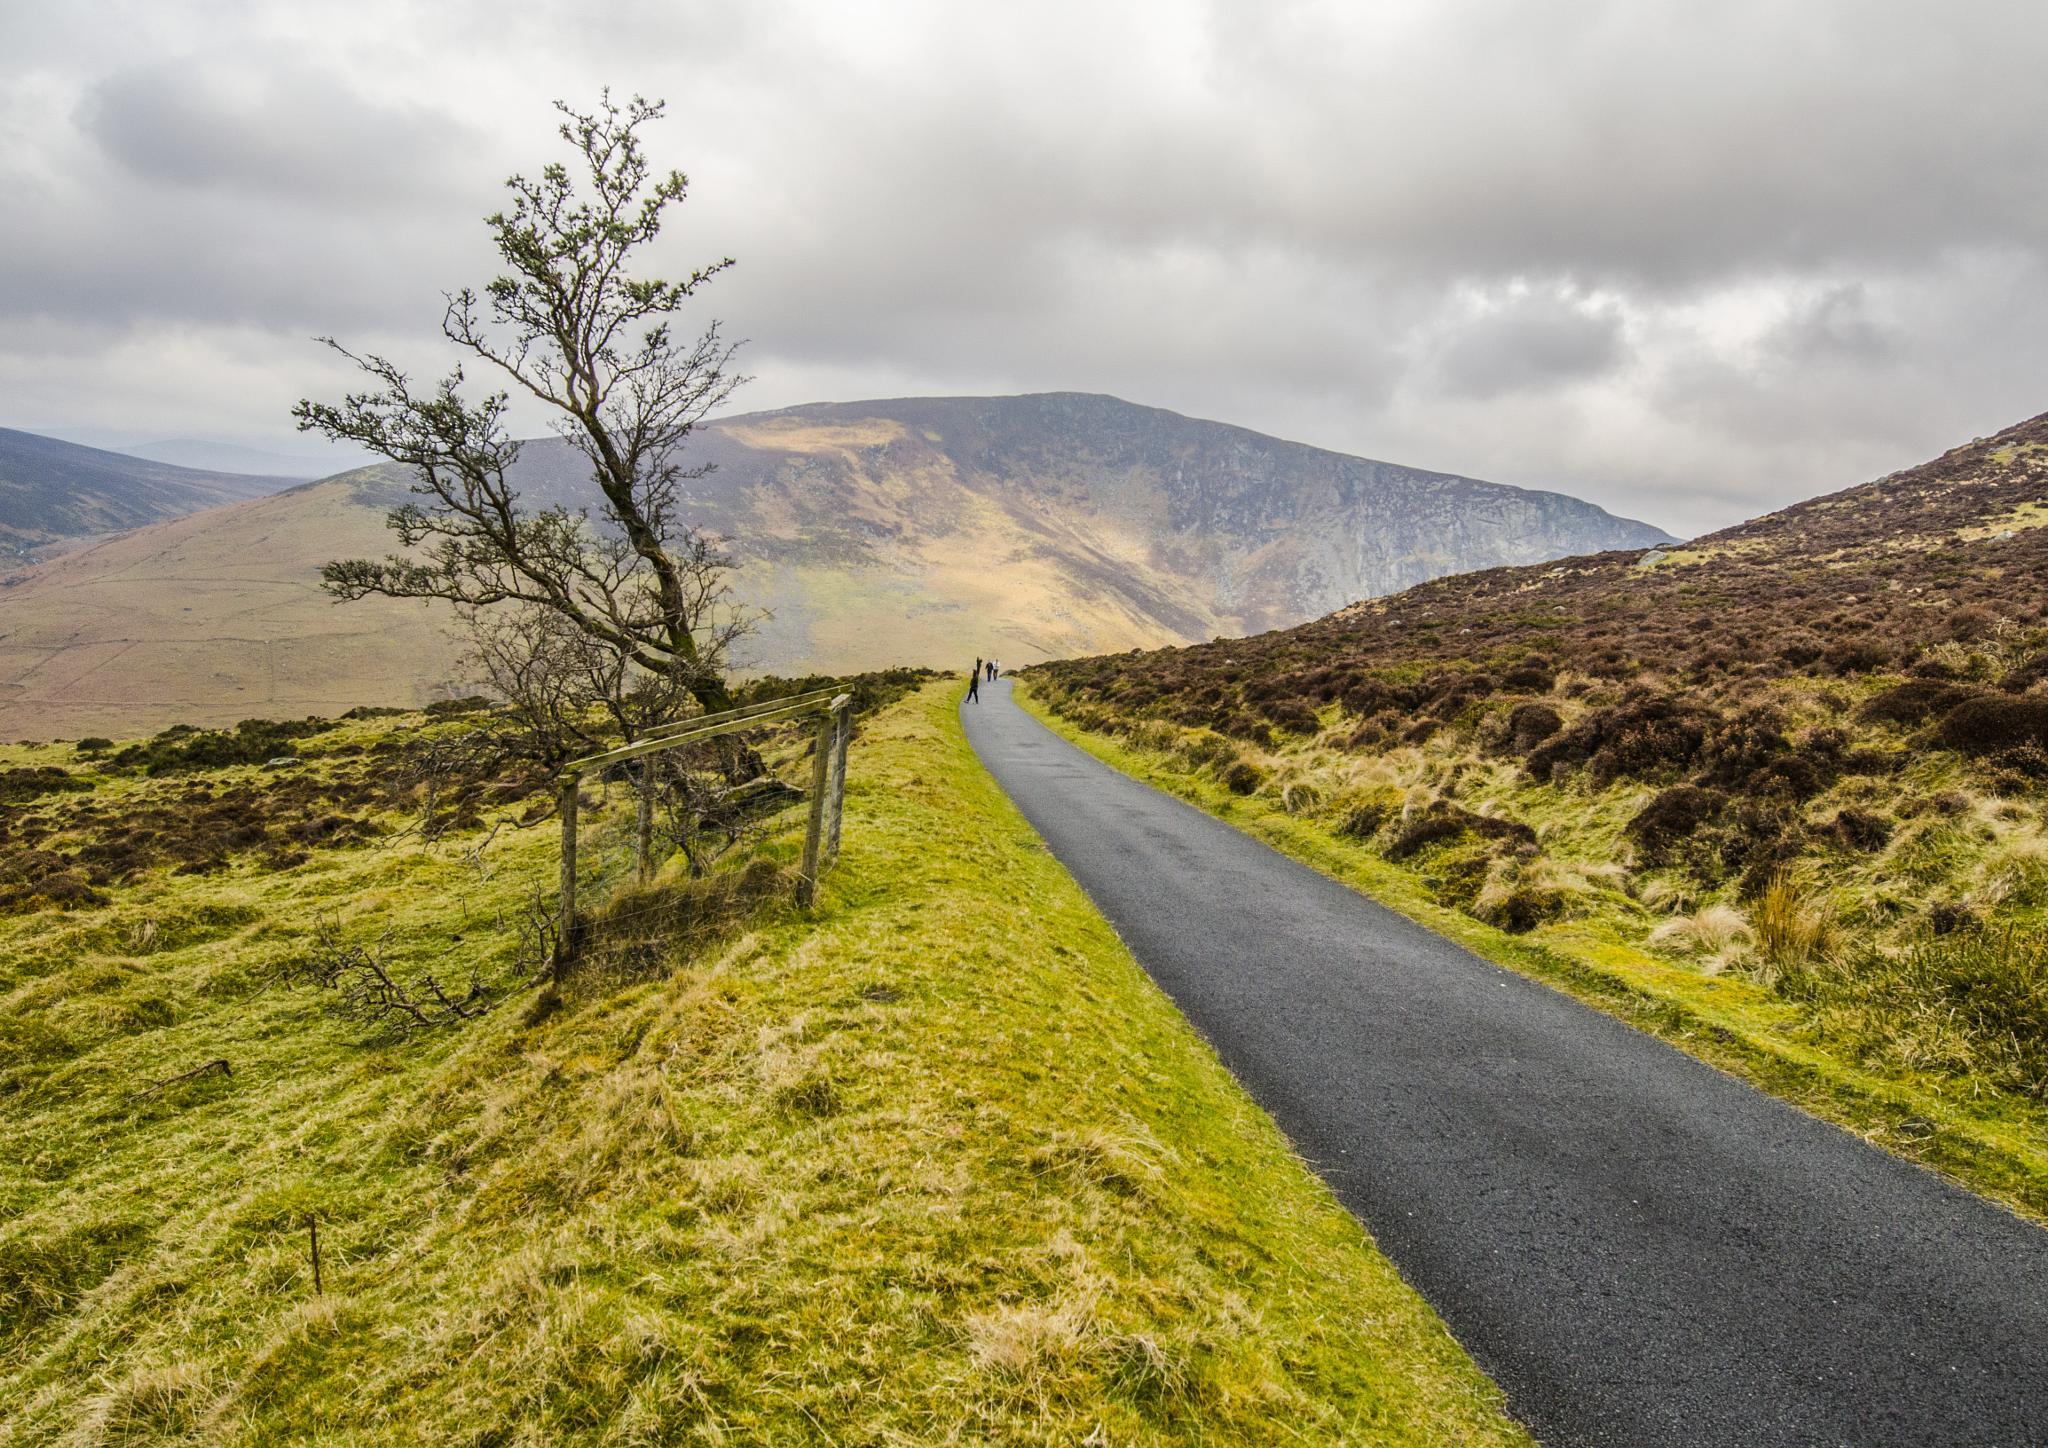 Wind Blown Tree, Wicklow Mountains, Ireland by Pat kehoe